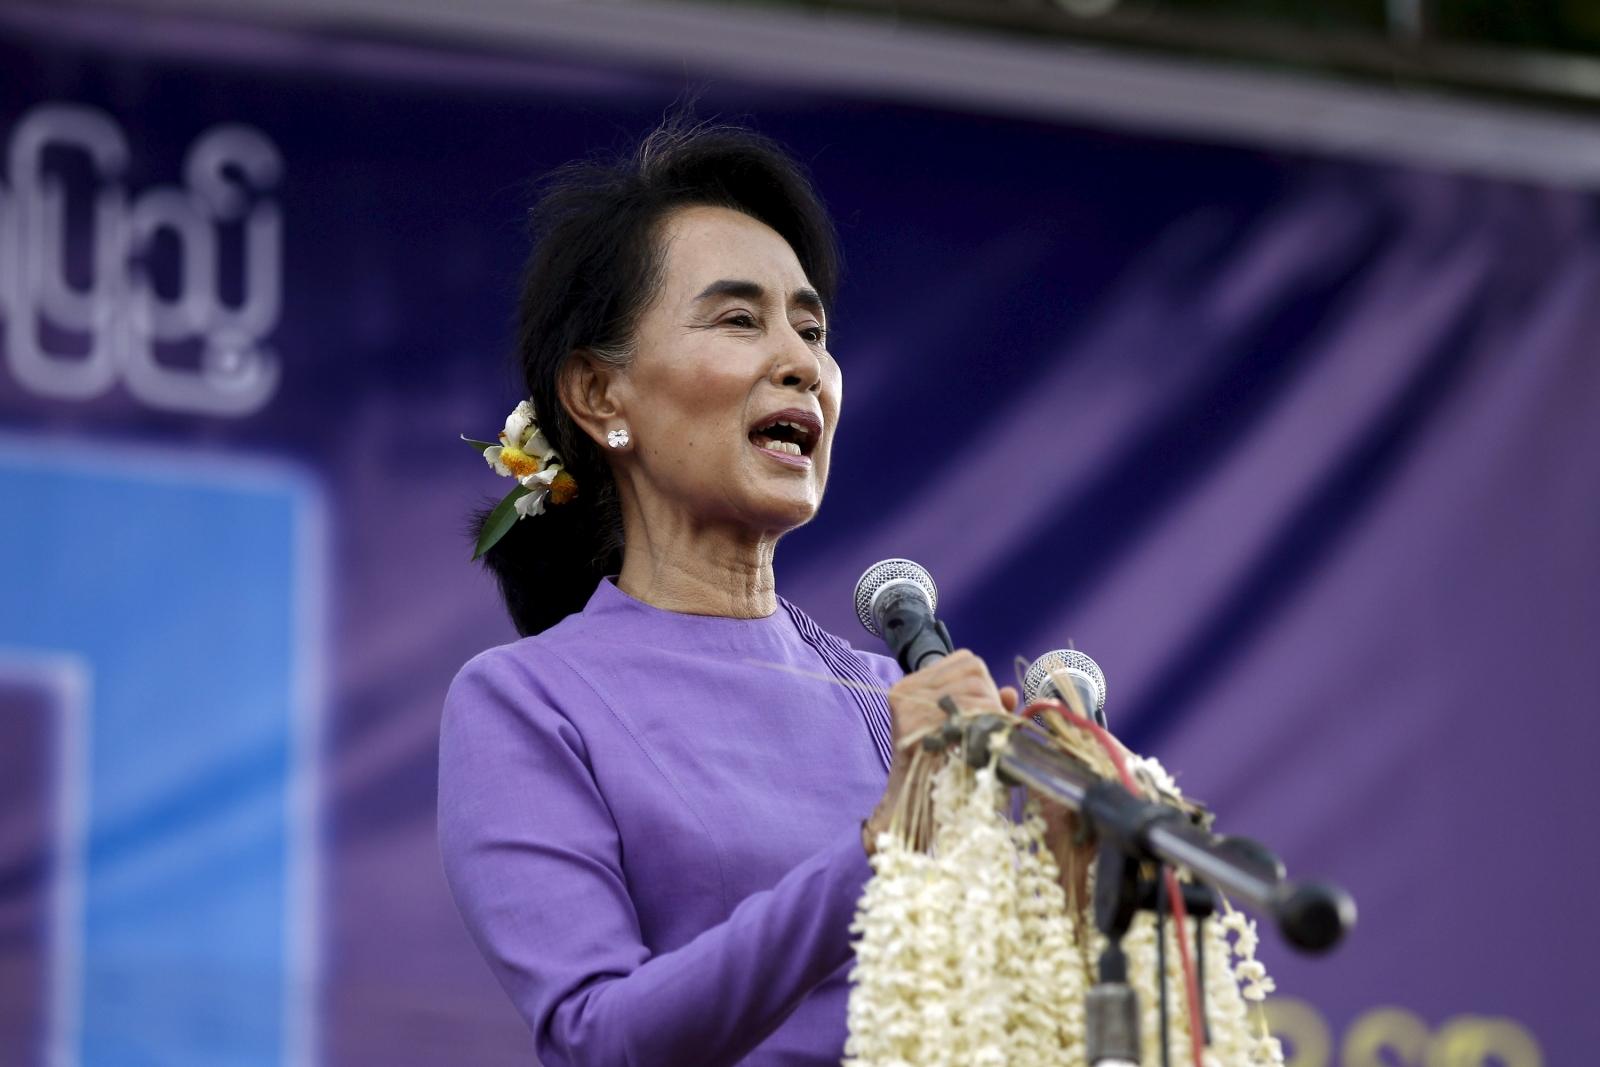 Aung San Suu Kyi China visit